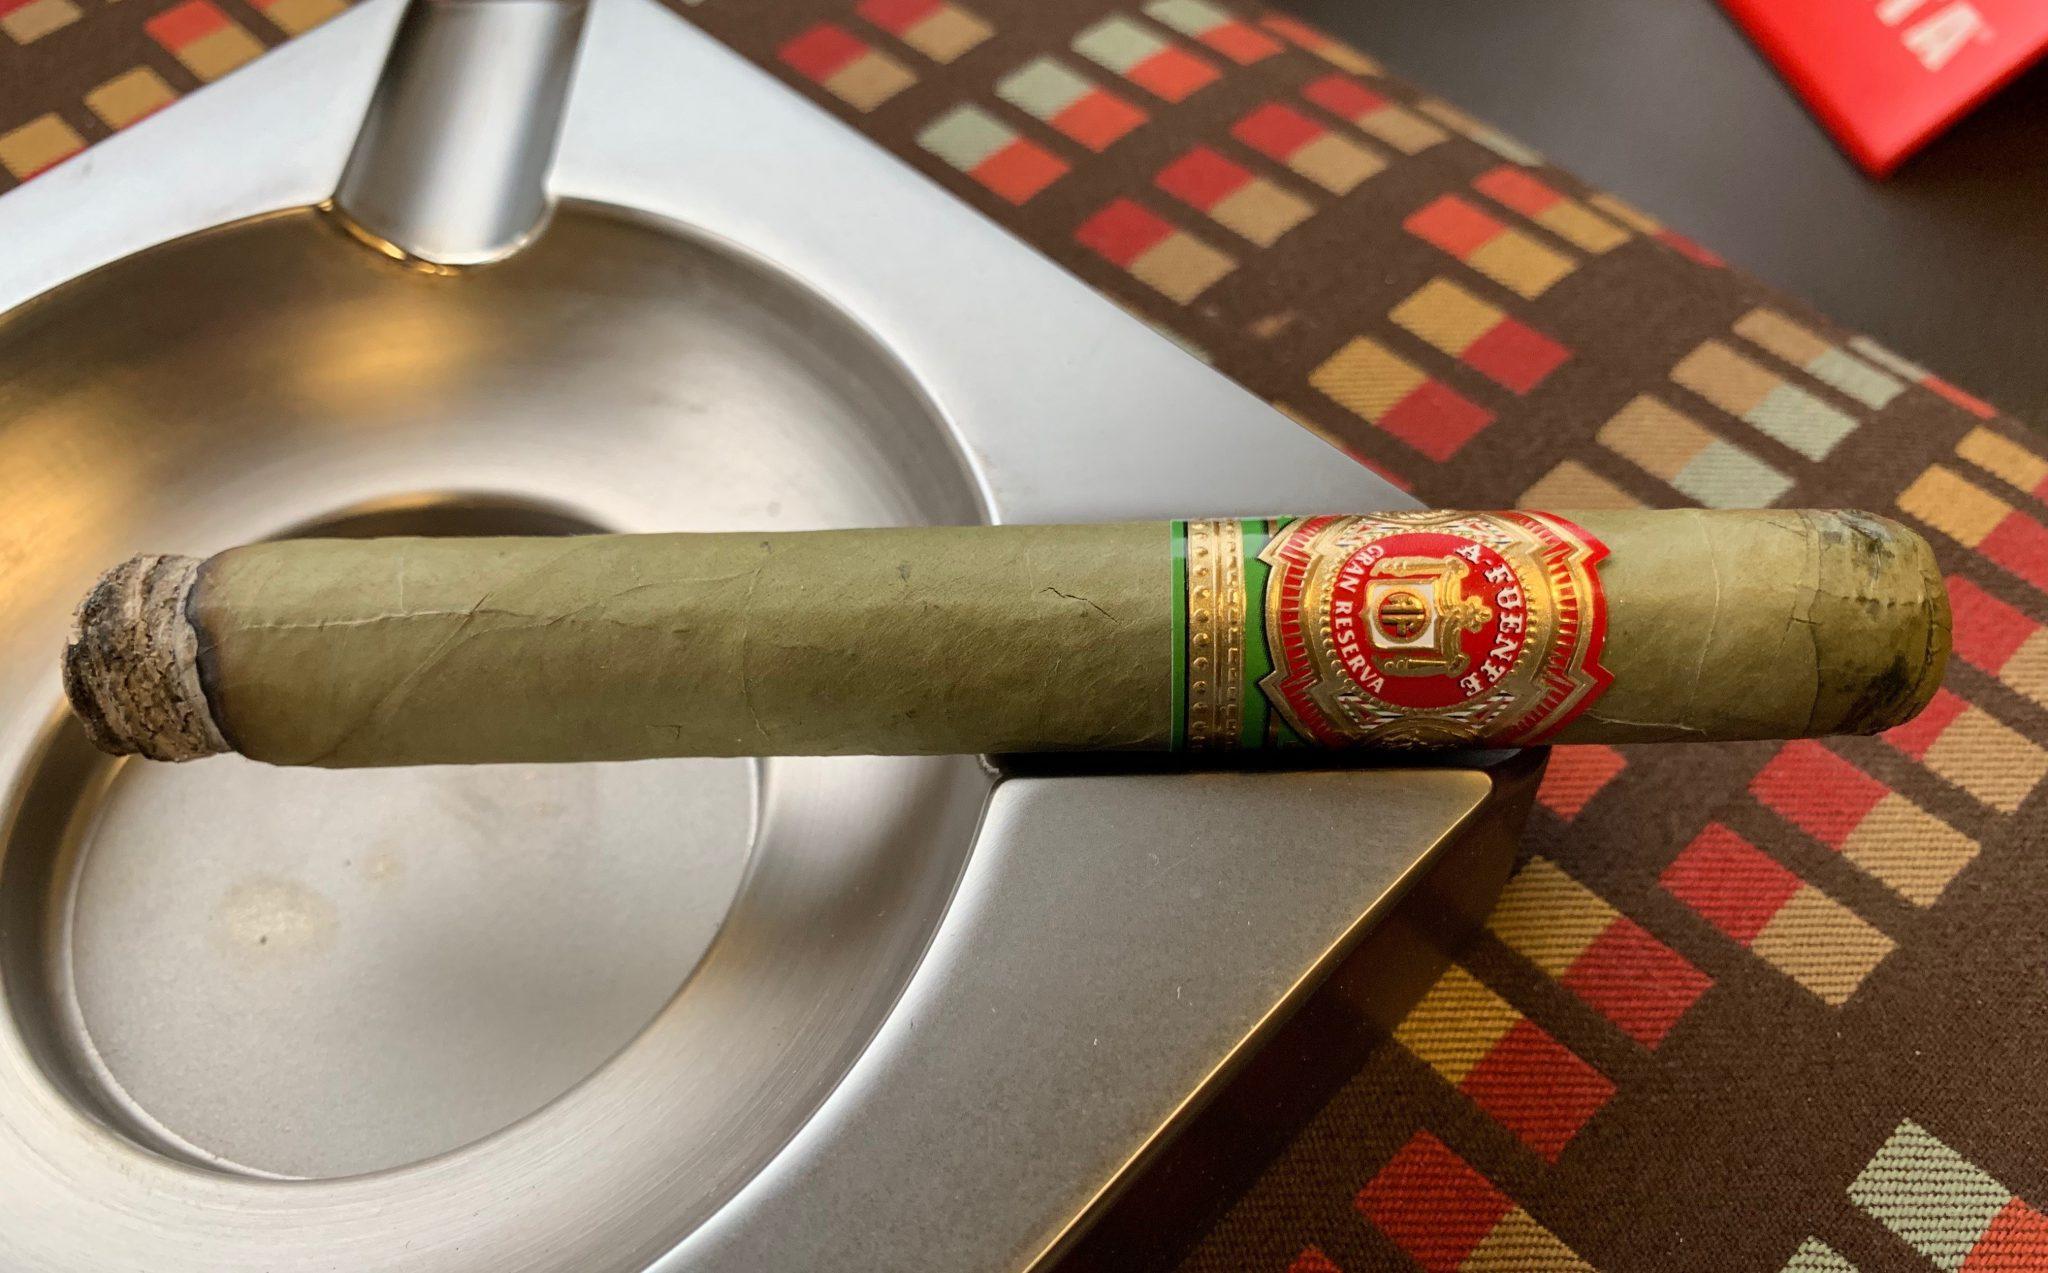 Arturo Fuente Cigars Guide Arturo Fuente cigar review by Tommy Zman